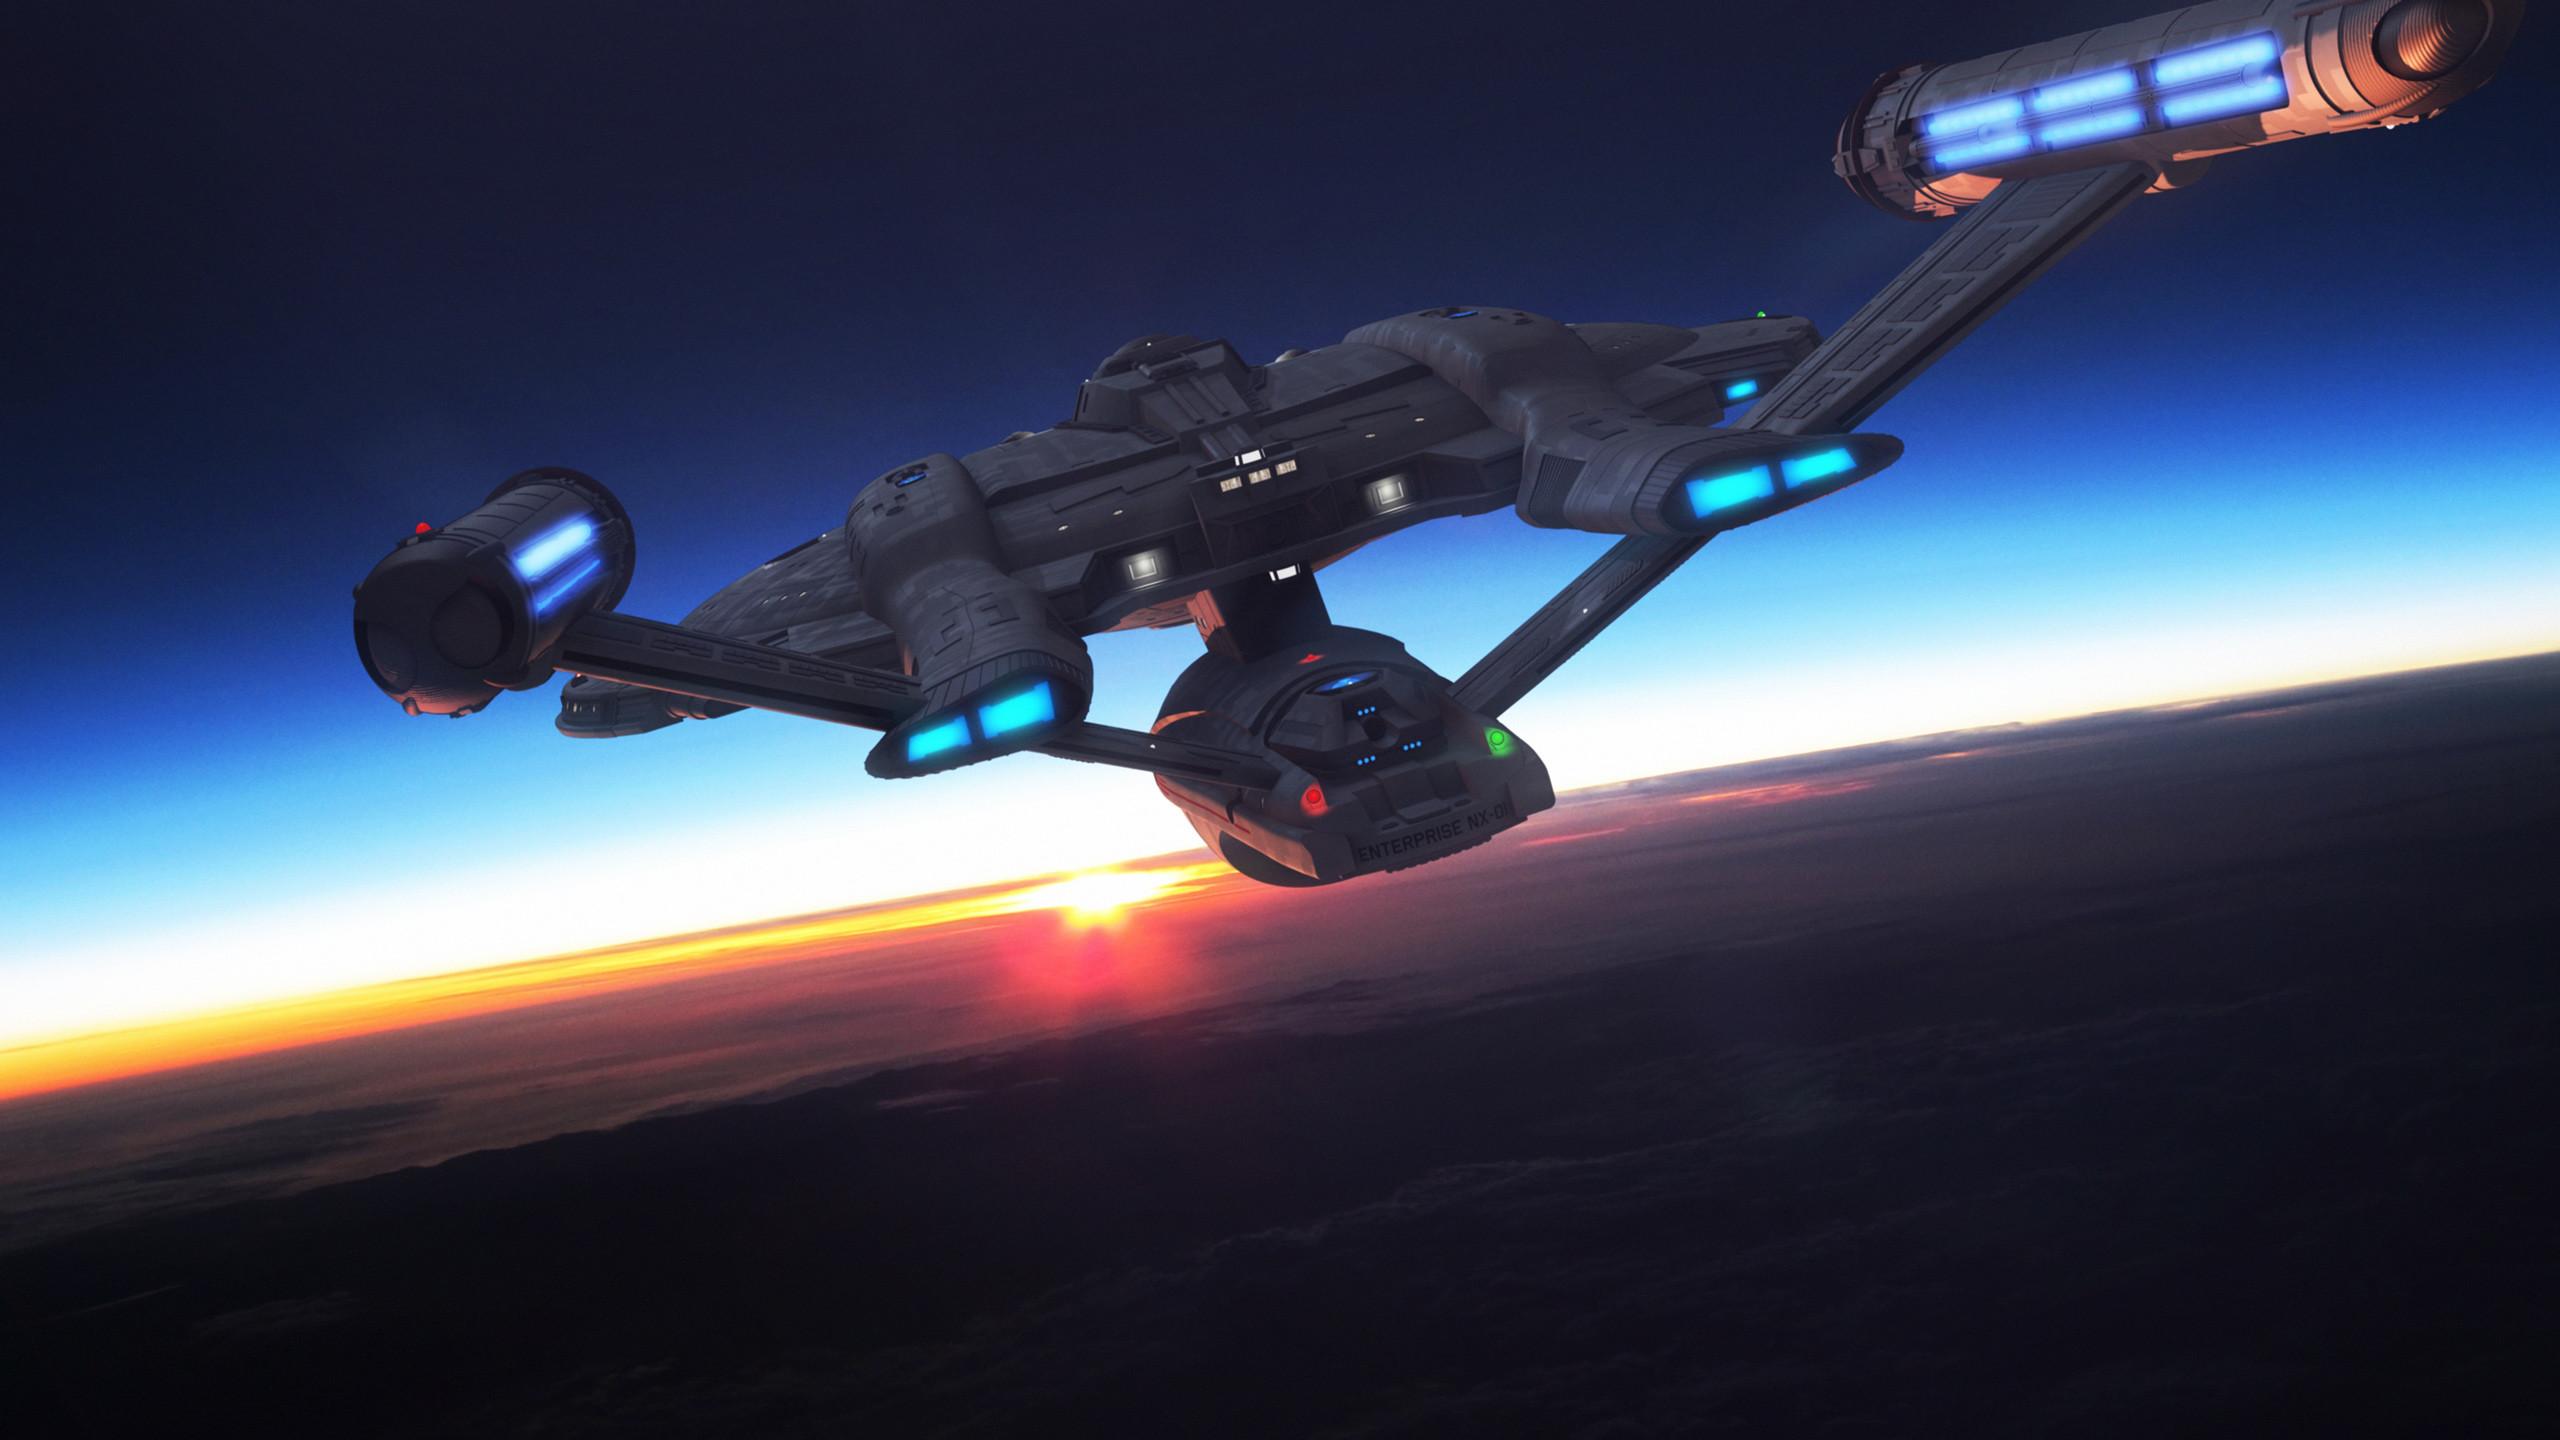 Star Trek Ship Wallpapers: Starship Enterprise Wallpaper (64+ Images